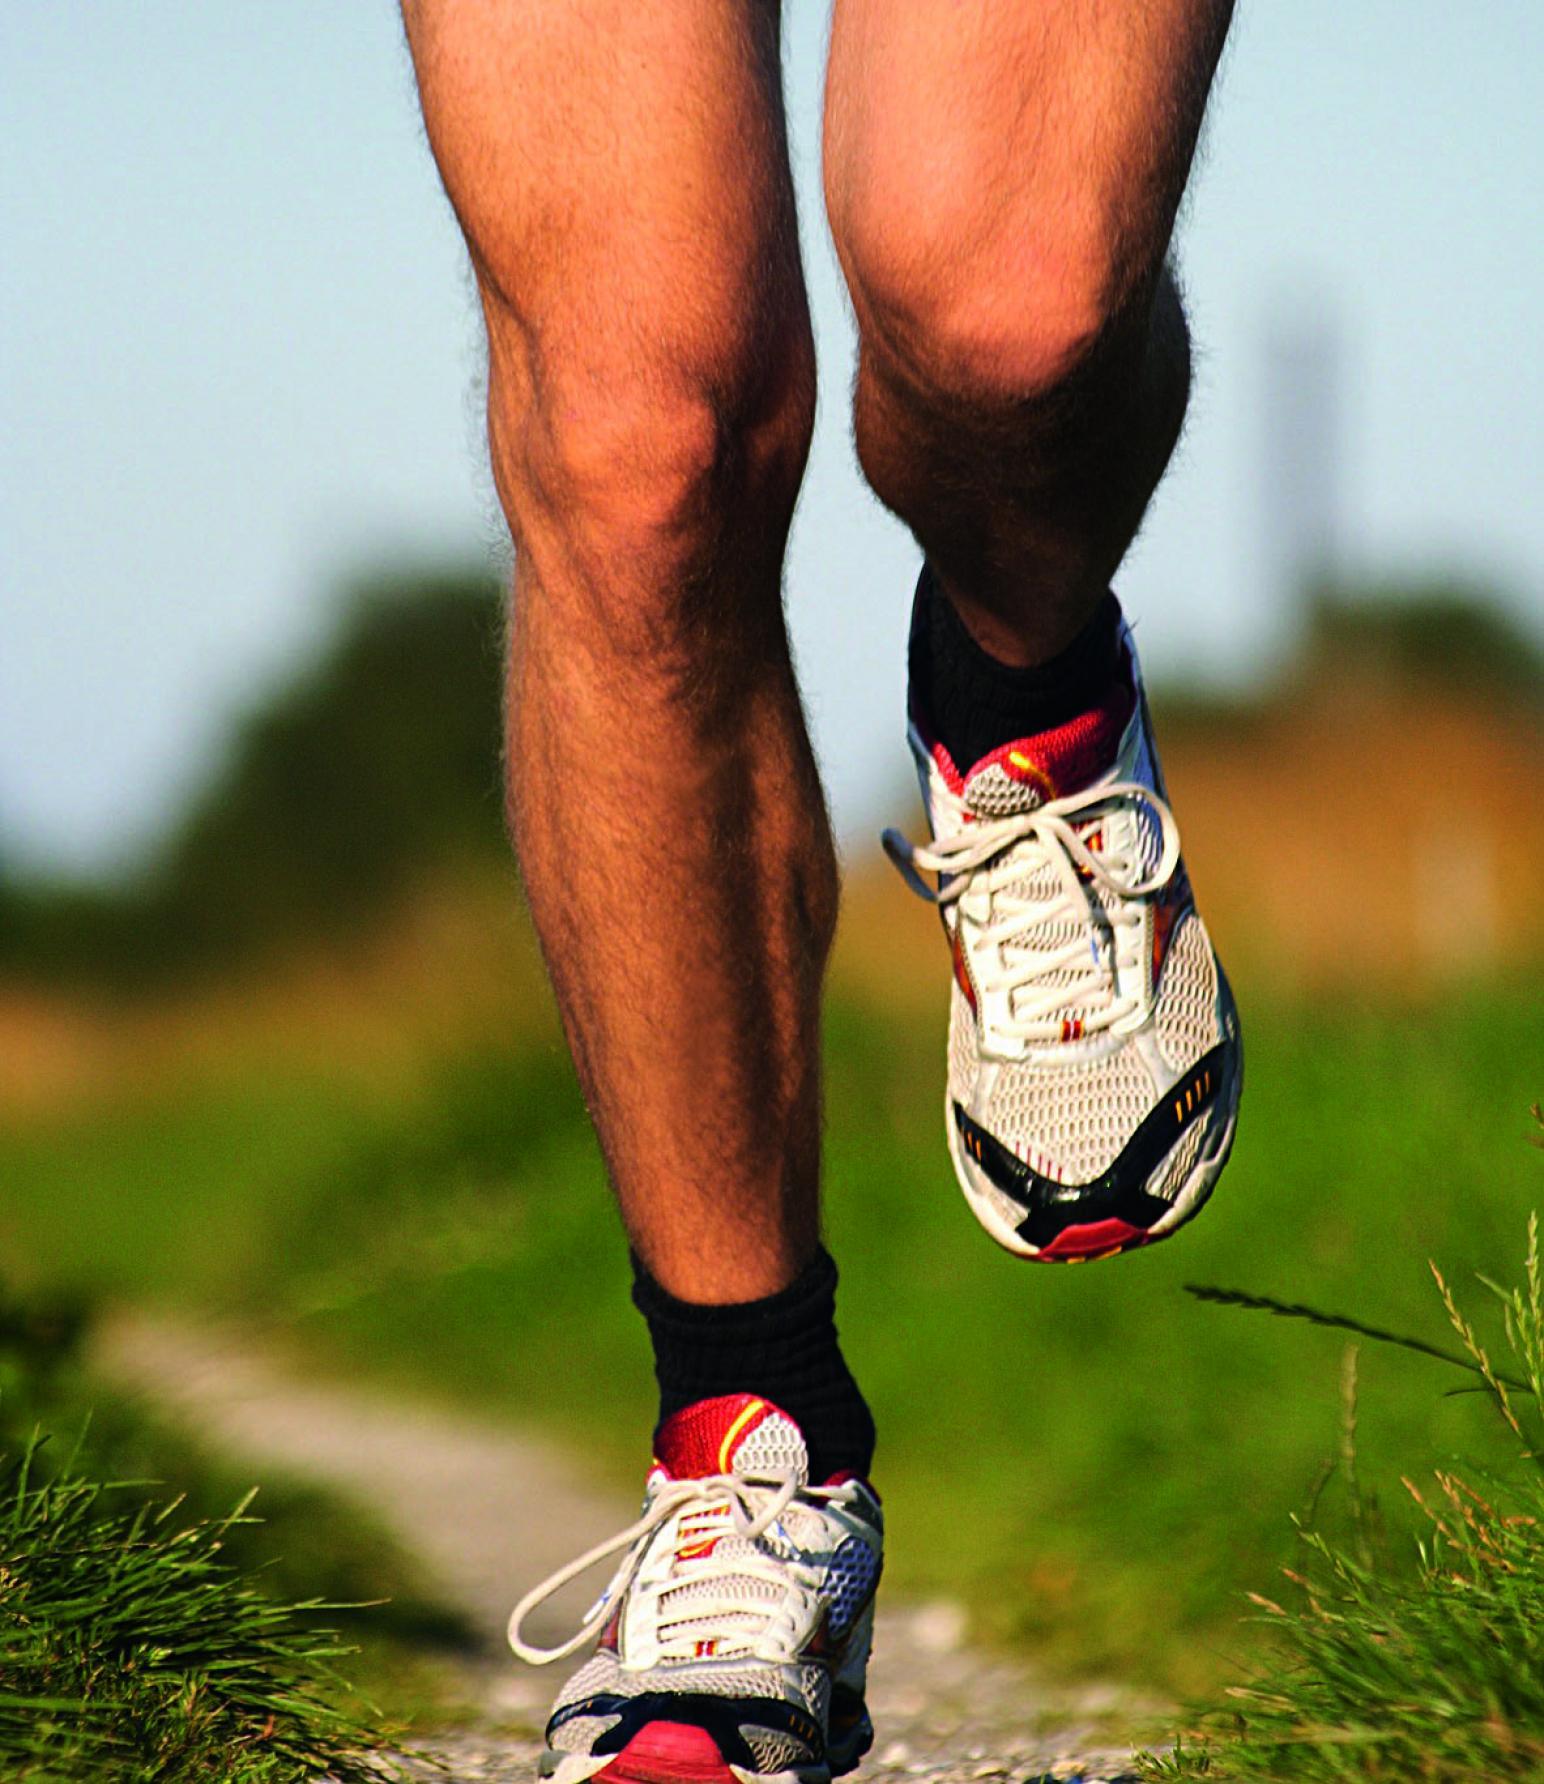 Lauftraining Laufen Beine Weg